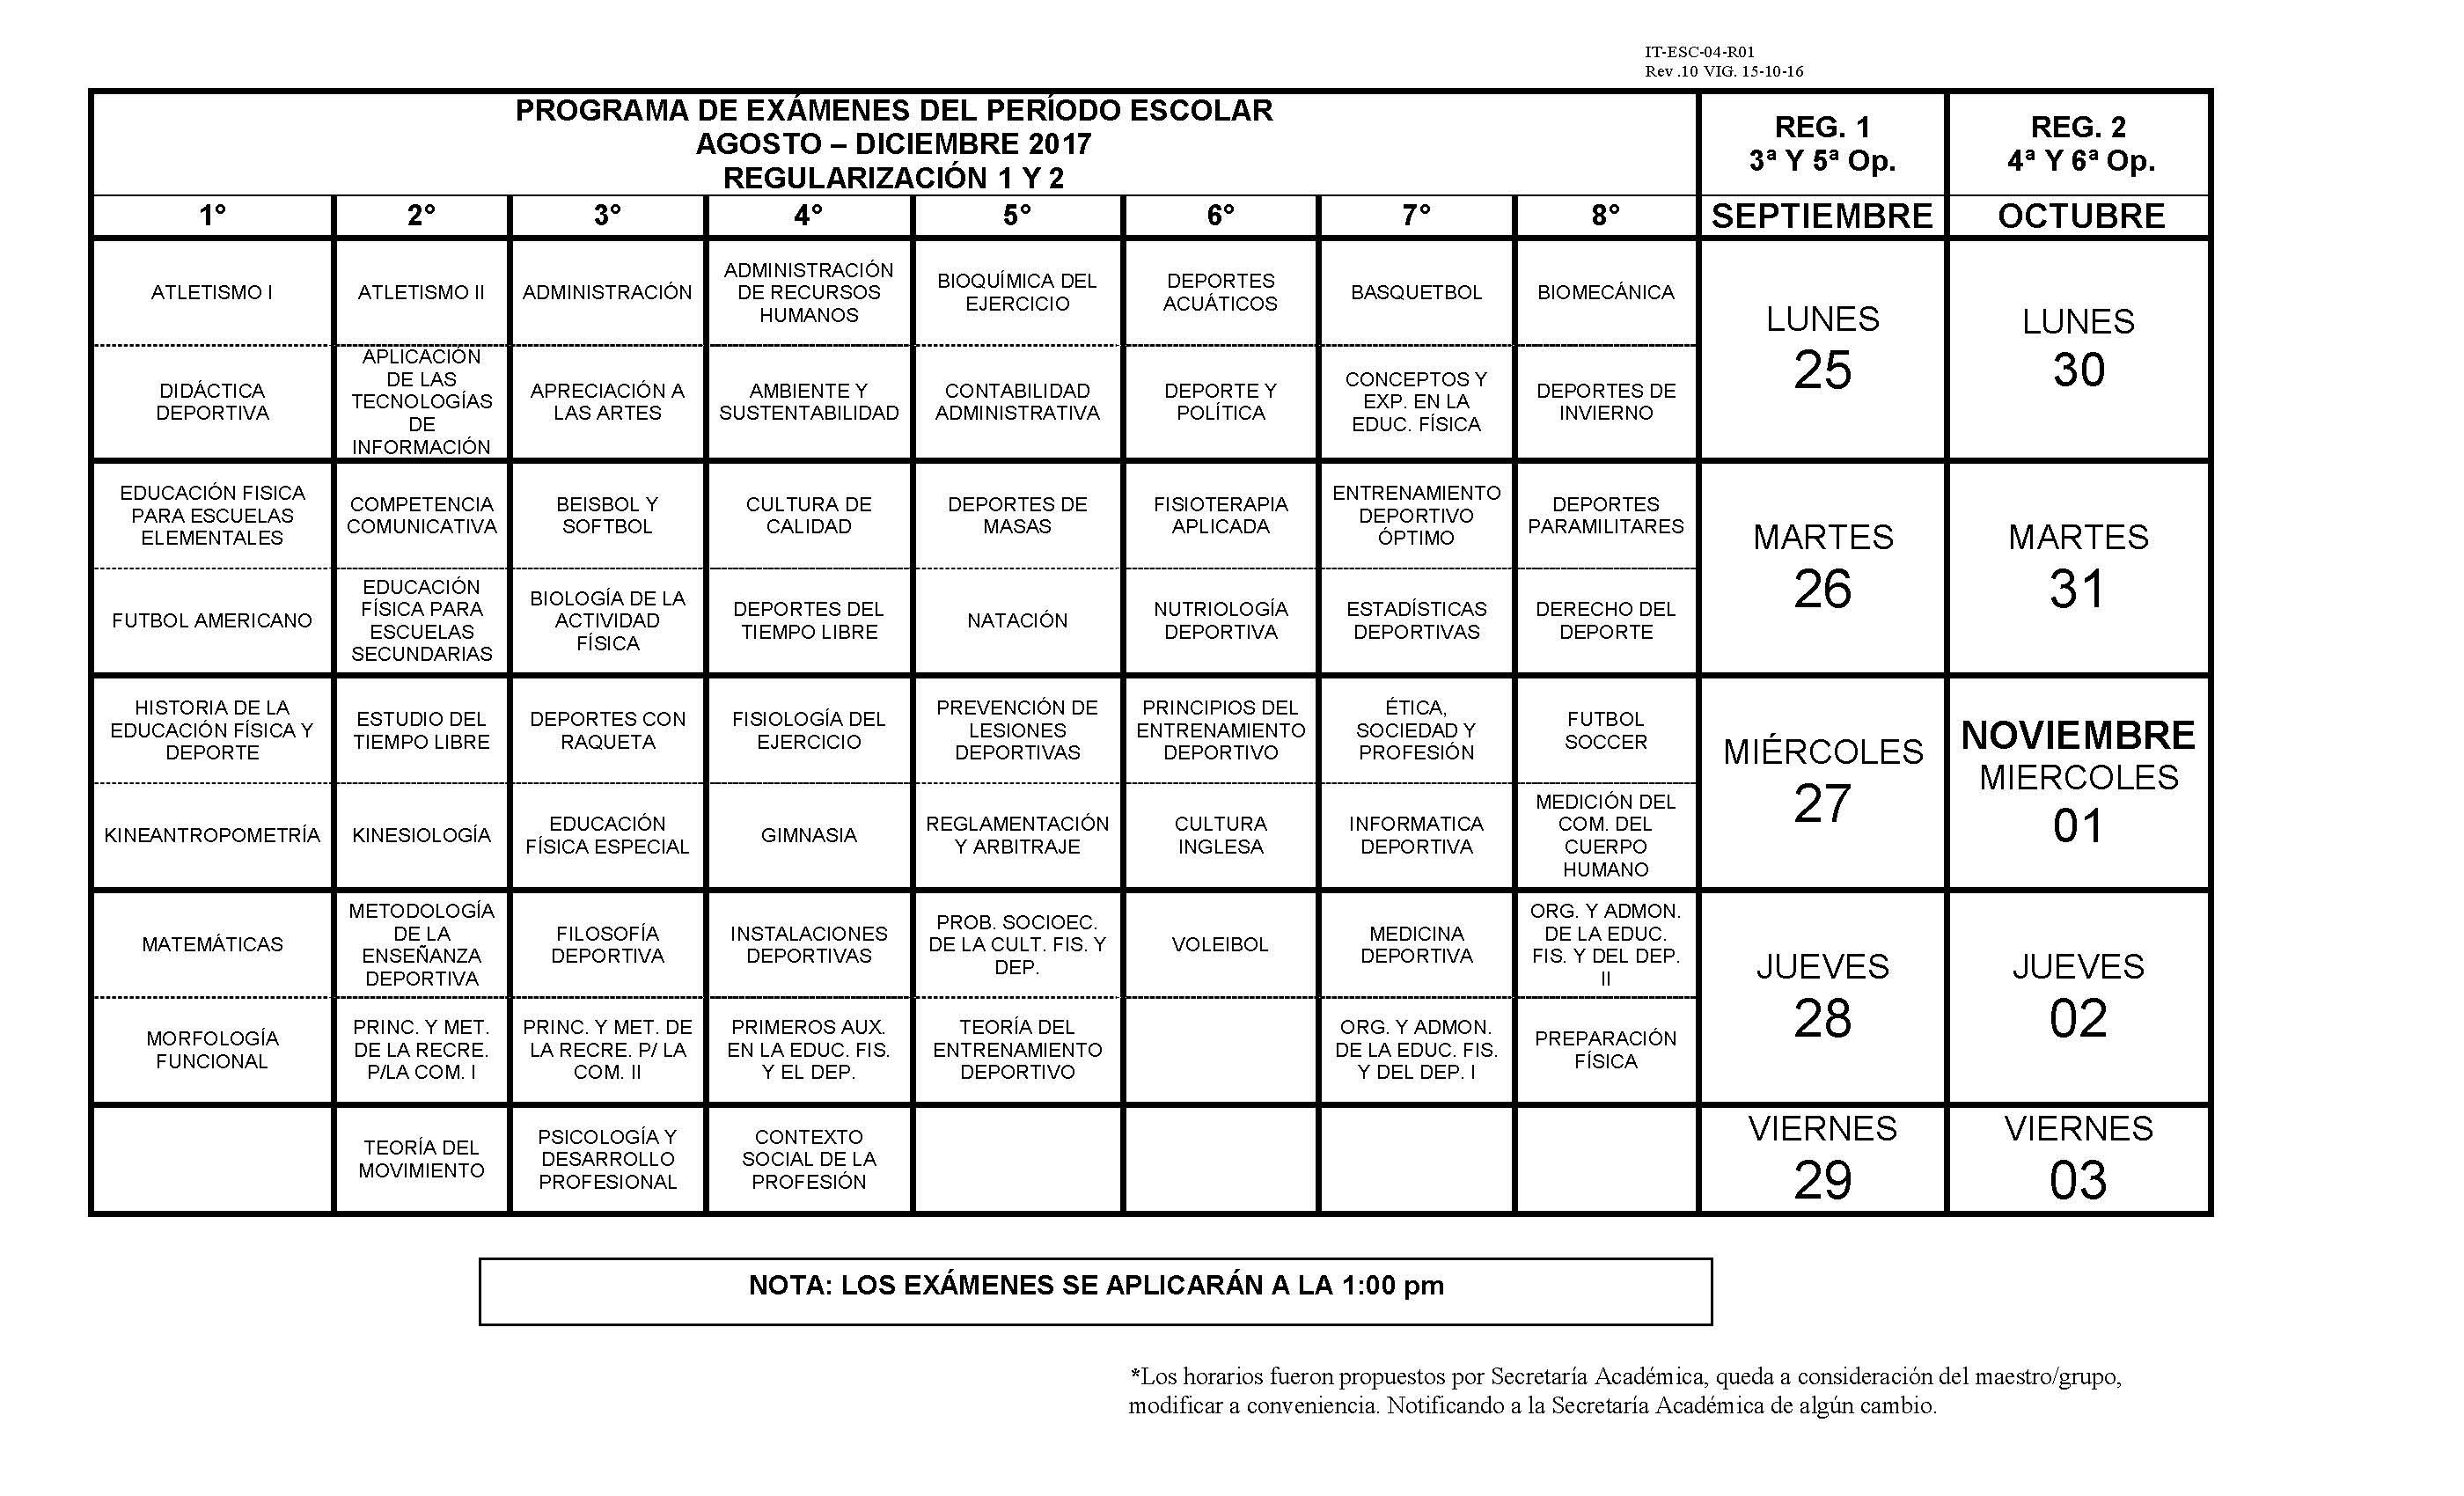 Calendario De Examenes.Calendario De Examenes Ago Dic 2017 Parte2 Facultad De